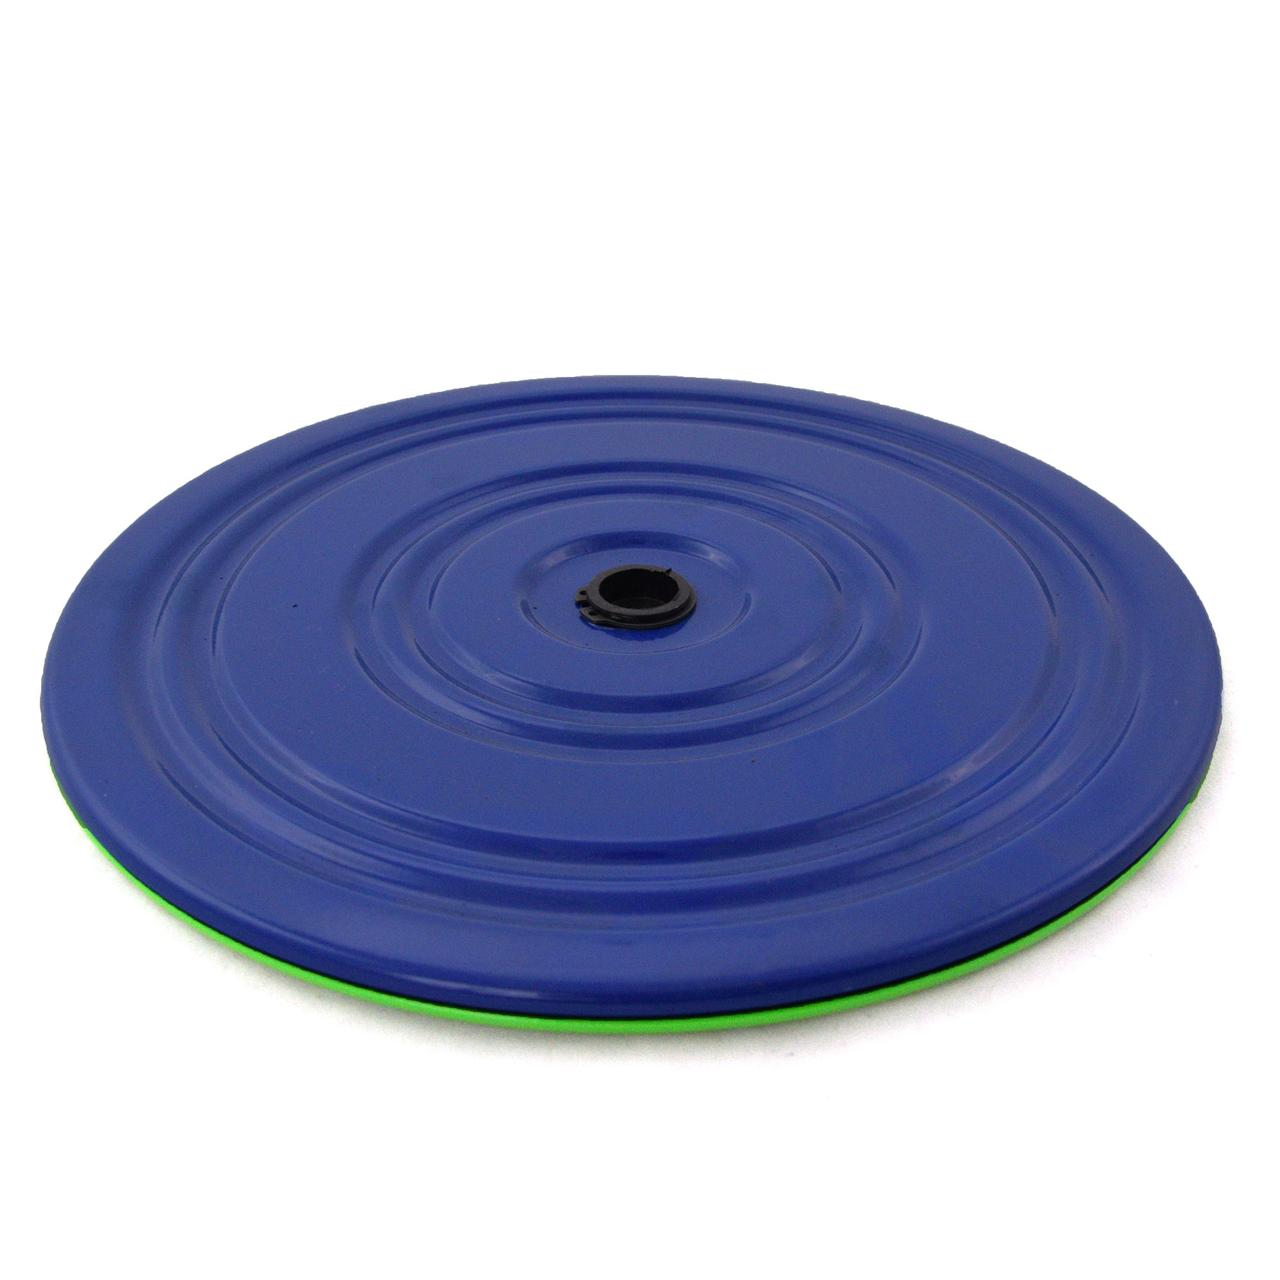 Диск Здоров'я Грація металевий (FI-0107) Синьо-зелений